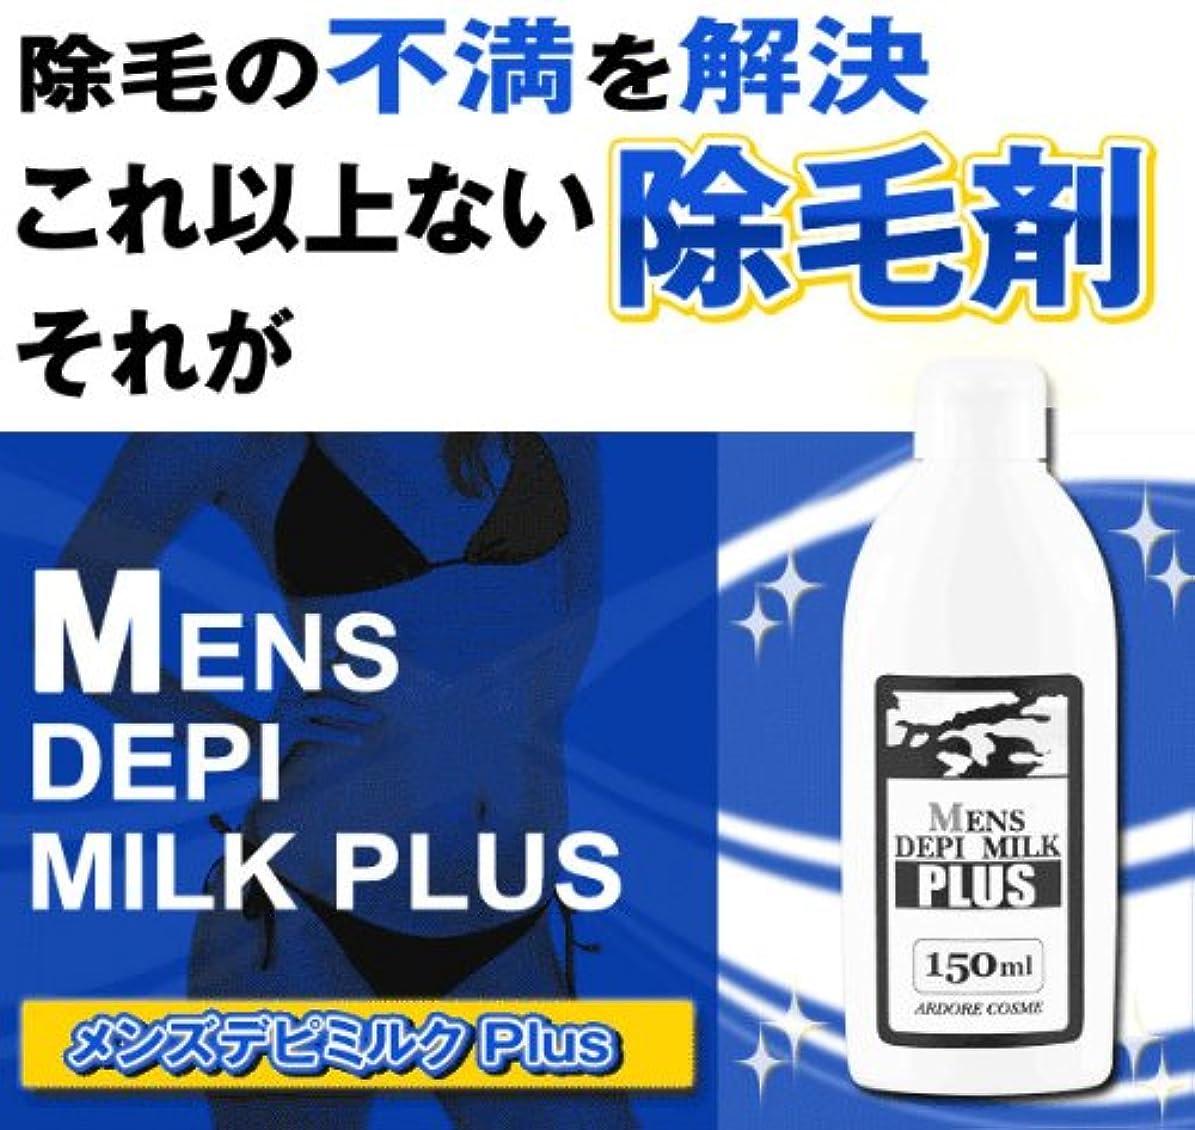 に変わるブーム努力する薬用メンズデピミルクプラス 150ml(薬用除毛クリーム)医薬部外品